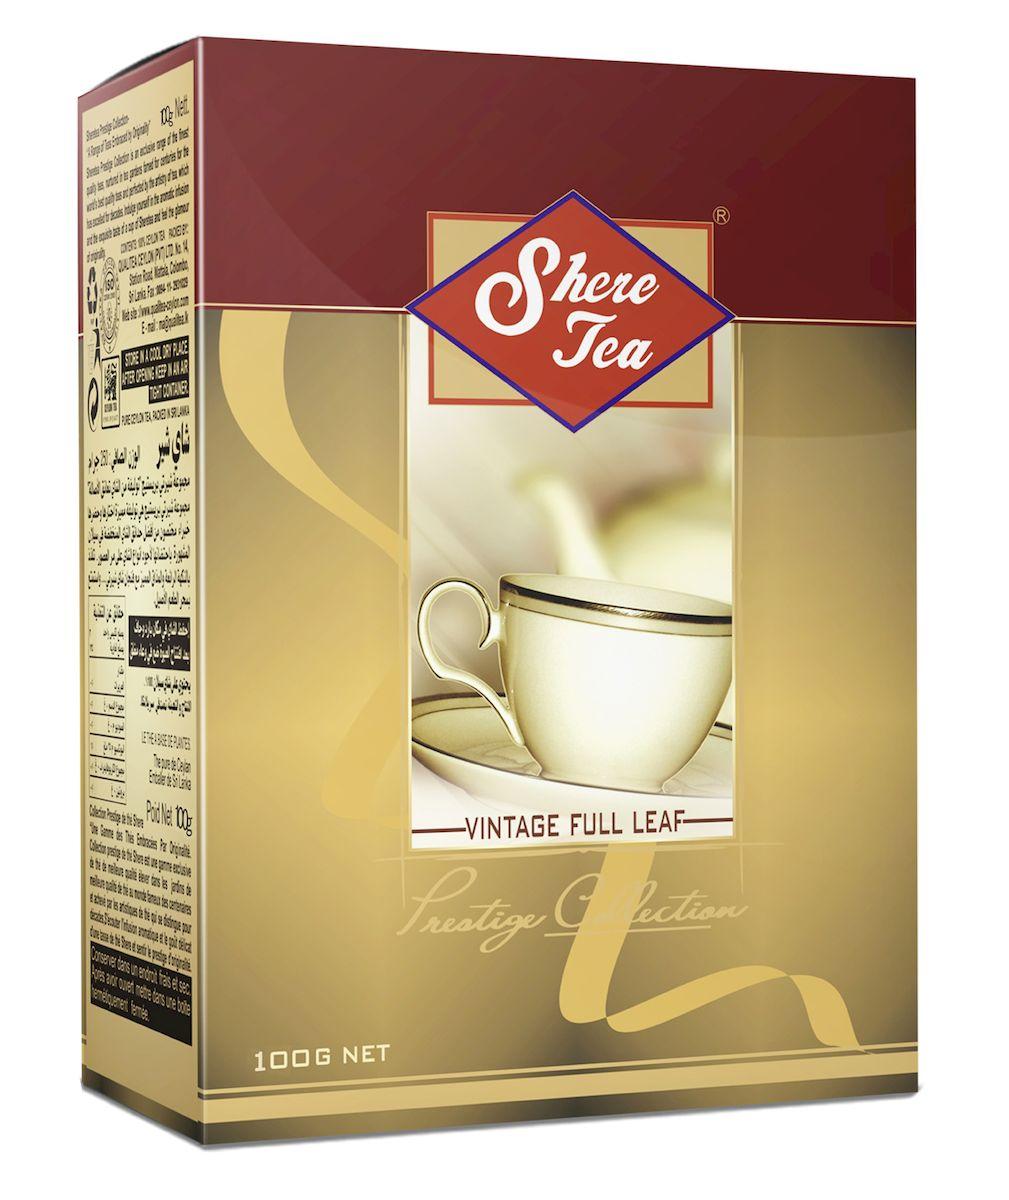 Shere Tea Престижная коллекция. OP1 чай черный листовой, 100 г101246Чай Шери престижная коллекция. Листья для этого чая собирают с кустов после того, как почки полностью раскрываются. Для этого сорта собирают первый и второй лист с ветки. В сухой заварке листья должны быть крупными (от 8 до 15 мм), однородными, хорошо скрученными. Этот сорт практически не содержит типсов. Этот сорт имеет достаточно высокое содержание ароматических масел, и поэтому настой чай очень ароматен. Также этот чай характерен вкусом с горчинкой благодаря большому содержанию дубильных веществ.Кофеина в этом чае немного меньше, так как в нем используют более взрослые листы, в которых содержание кофеина меньше, чем в типсах и молодых листах. В конце аббревиатуры стандарта можно увидеть цифру 1. Эта цифра обозначает более высокое качество, чем среднее, более высокое содержание типсов, самые отборные листья, очень ровную и особенно аккуратную скрутку листьев. Чай имеет яркий, прозрачный, интенсивный, настой. Вкус полный, терпкий, слегка вяжущий. Аромат чая полный, приятный, выражен достаточно ярко.